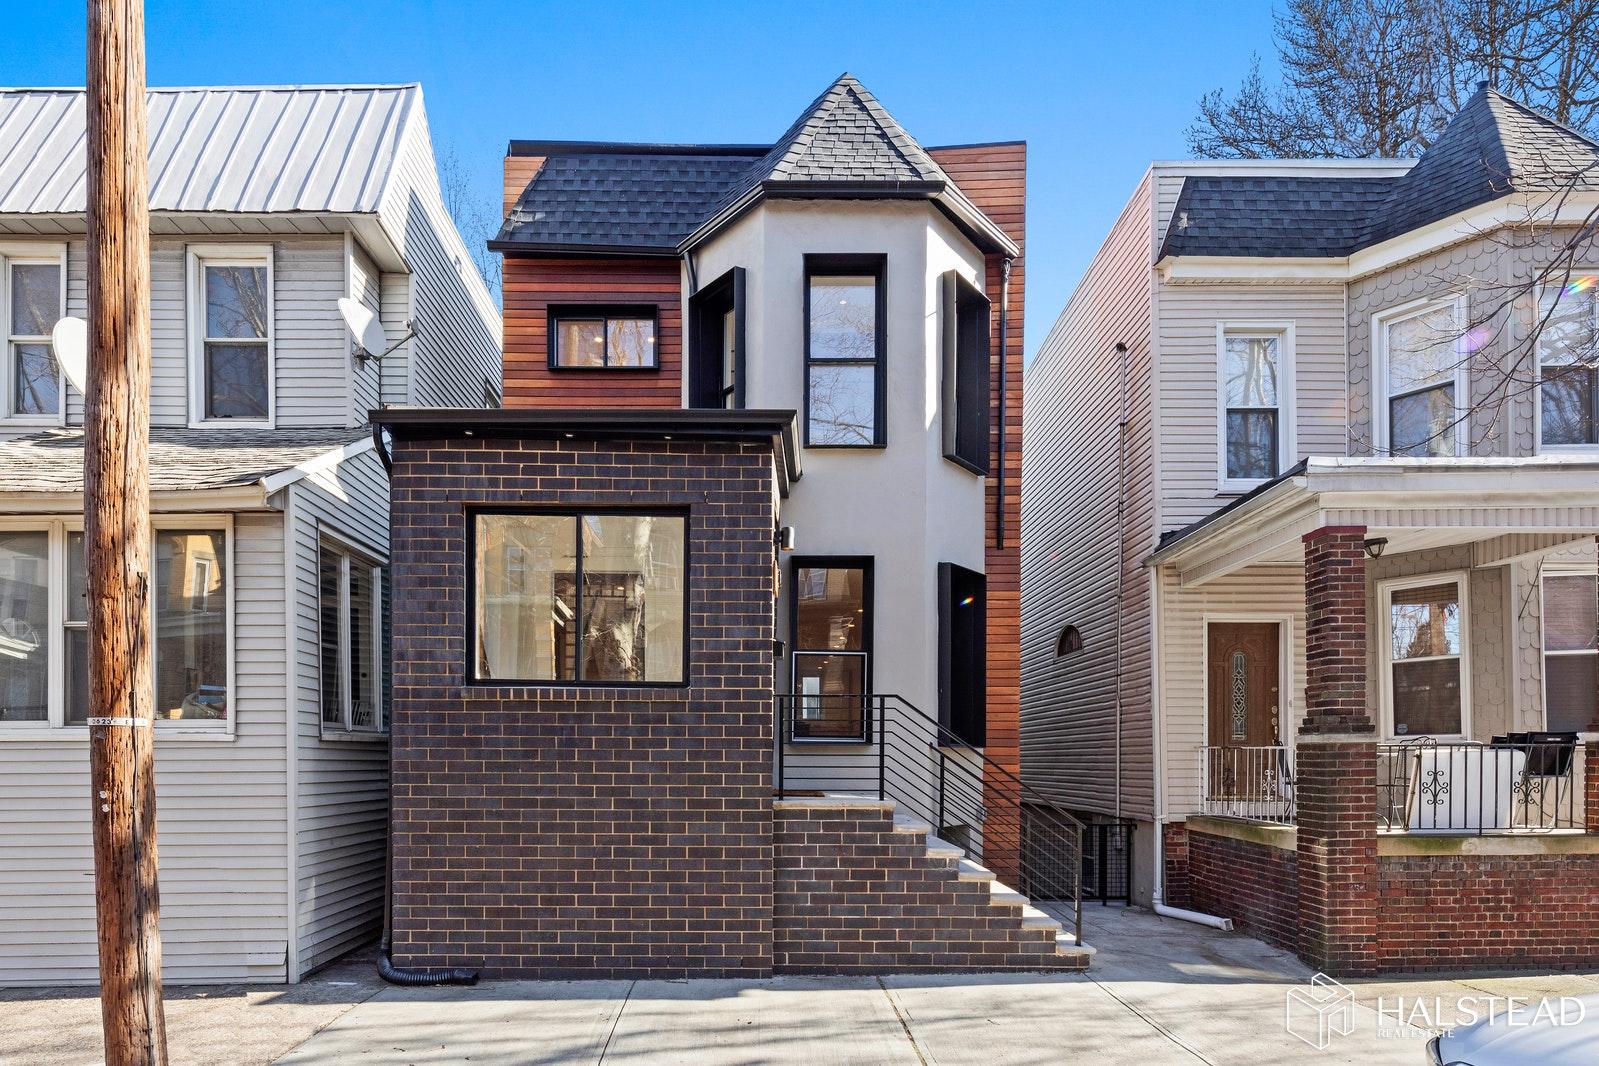 156 NESBIT STREET, Weehawken, $1,100,000, Web #: 20239165